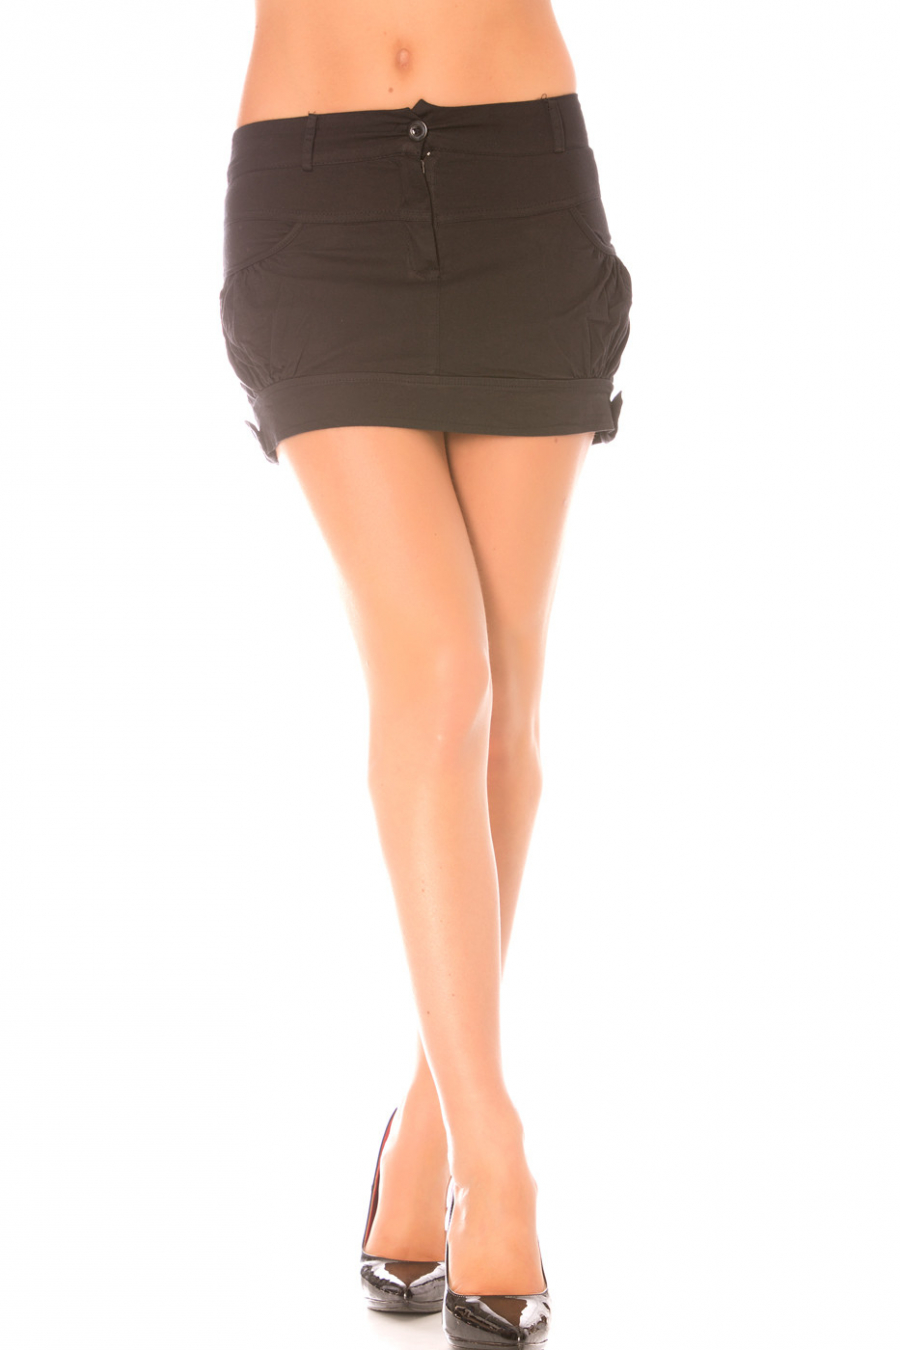 Jupe Noir courte à poches. Jupe